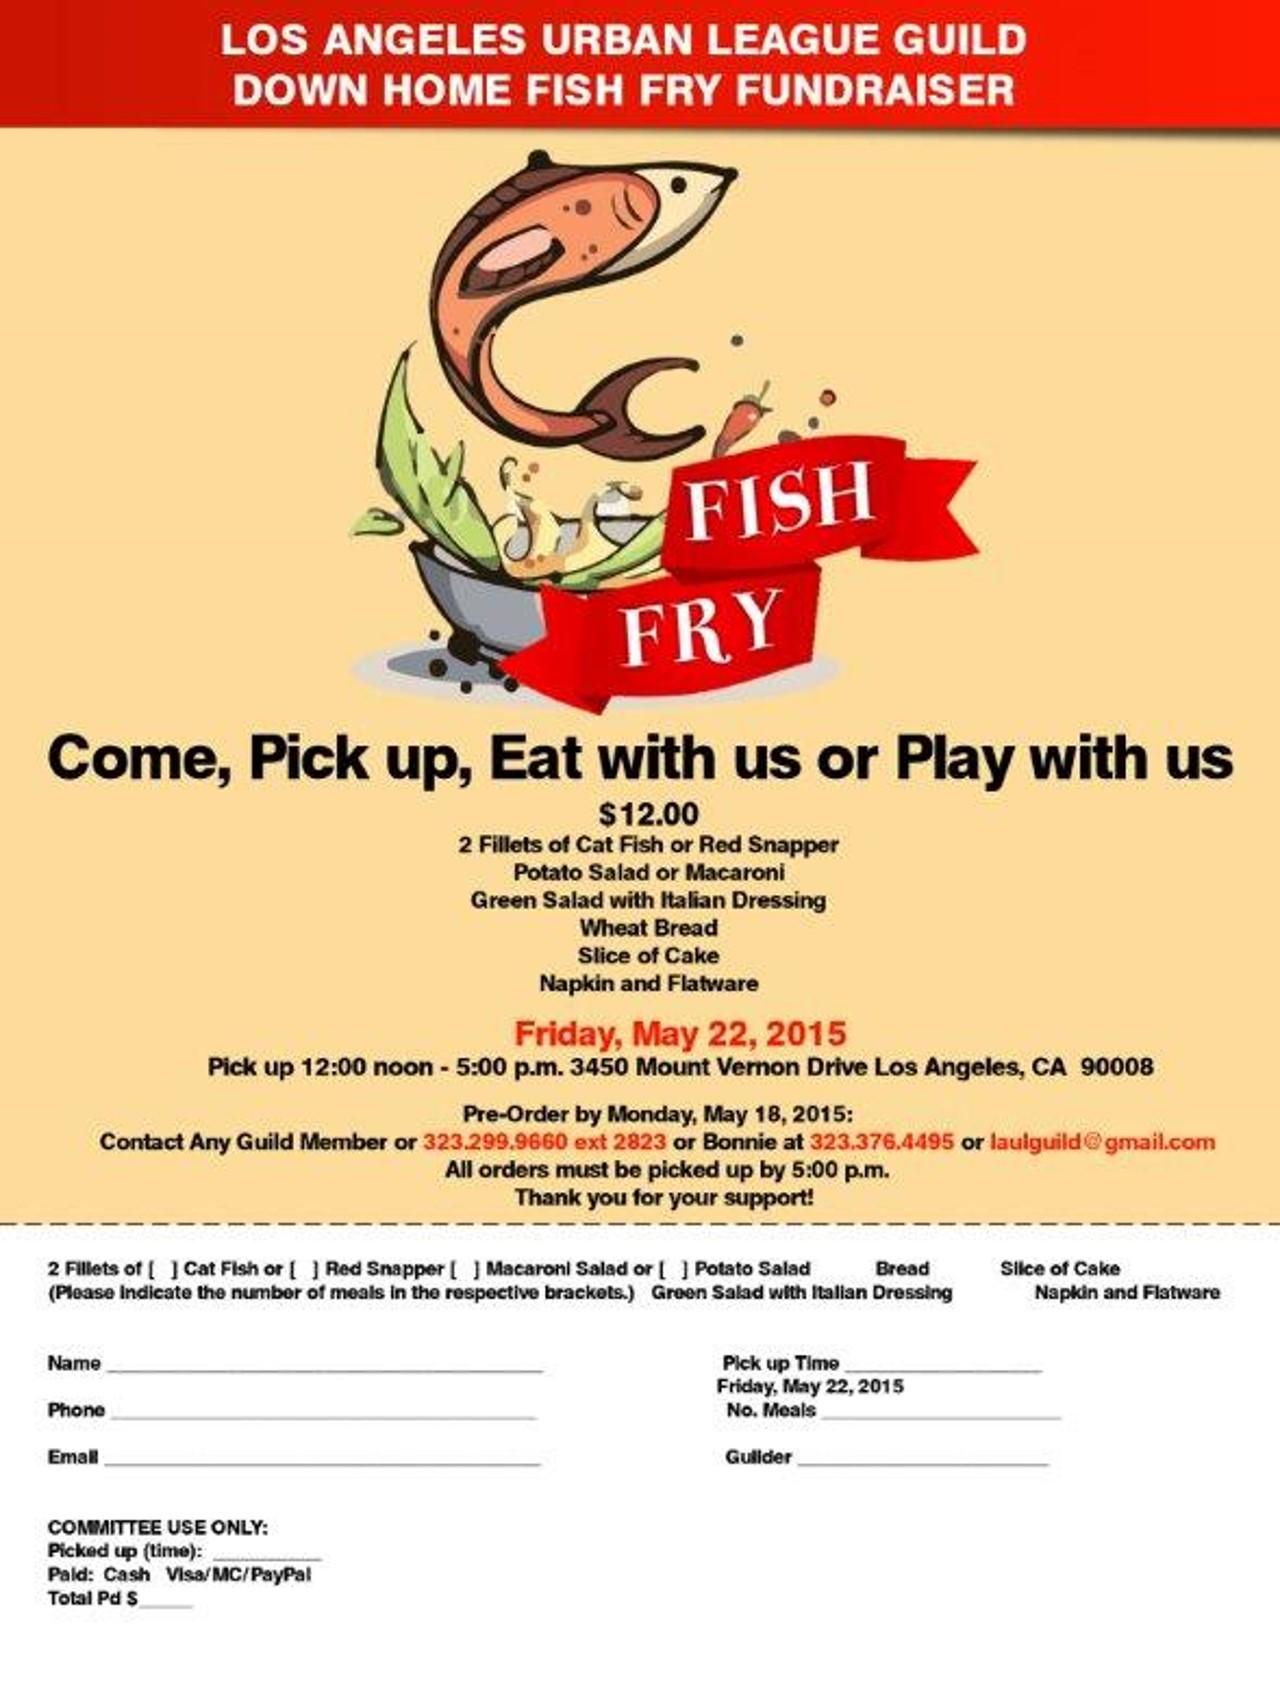 LAUL Guild Fish Fry 05.22.2015